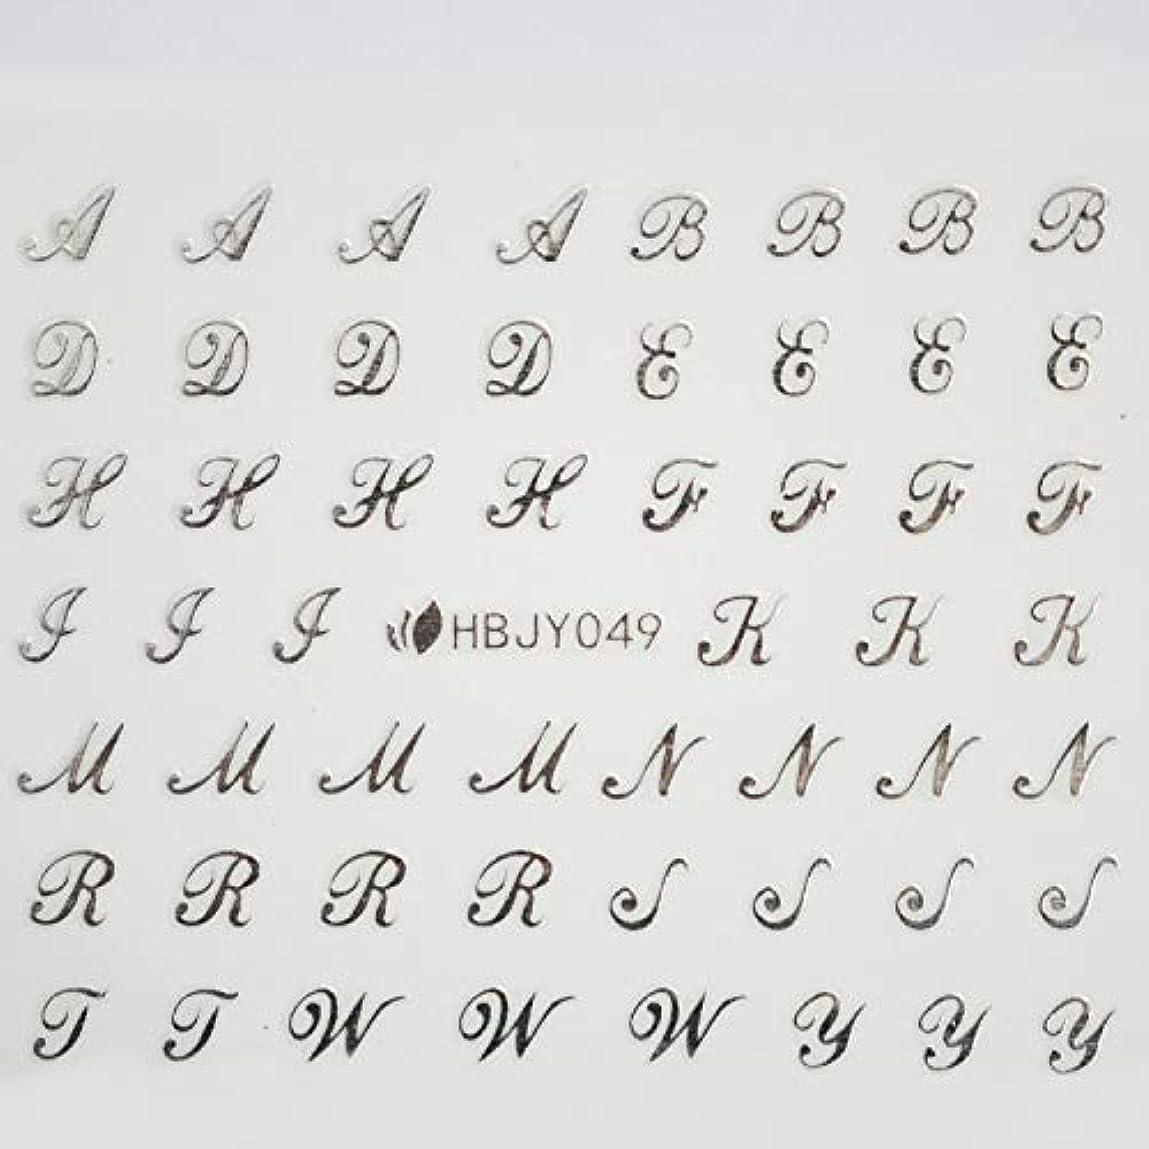 堤防今メリーアルファベットやメッセージ や 筆記体 や 数字 の ネイルシール ネイルステッカー (筆記体SILVER)